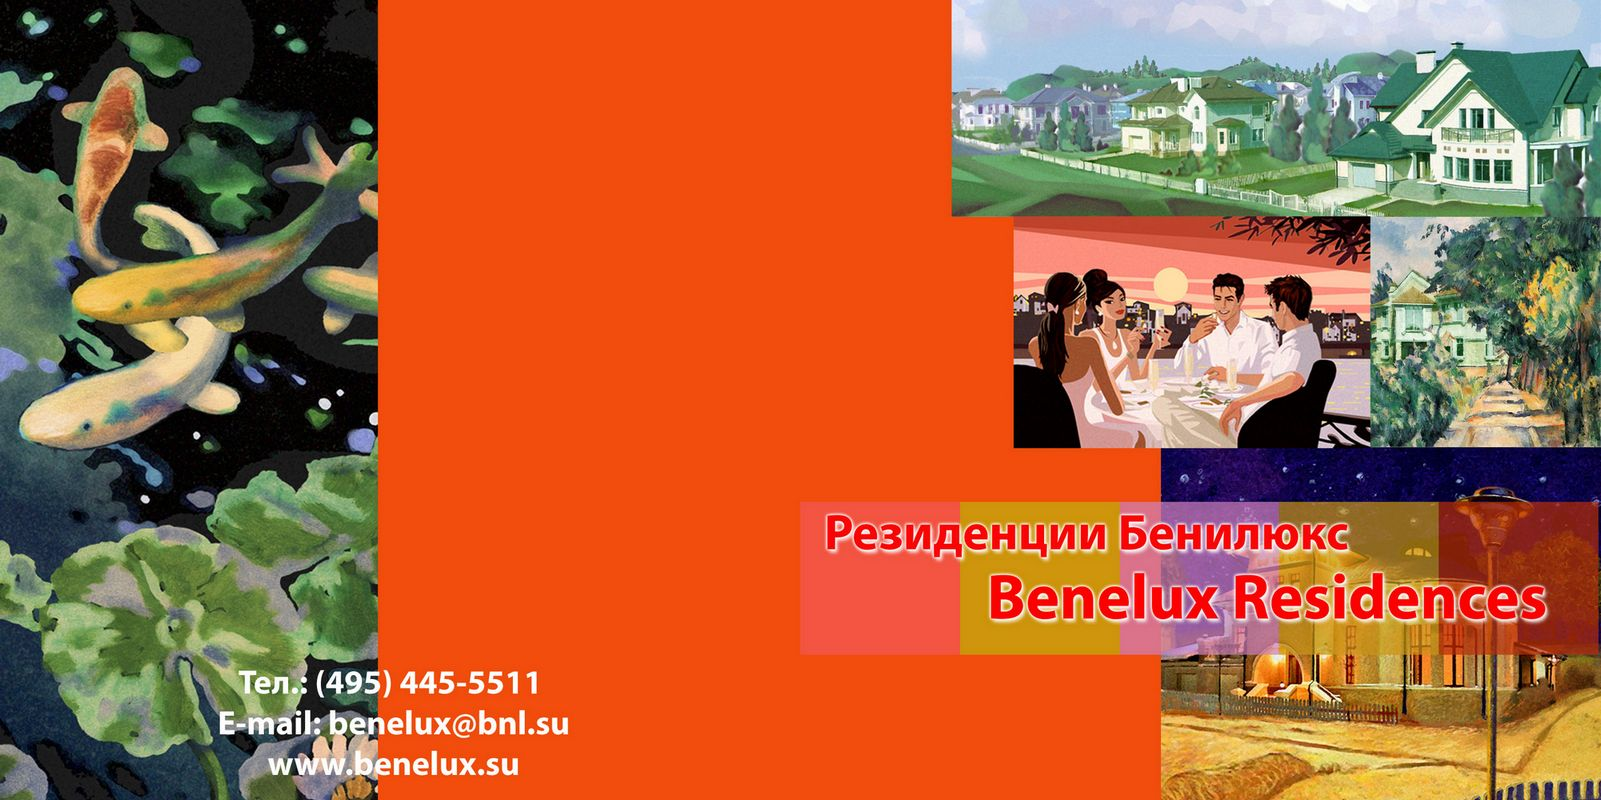 120-120-benelux-800